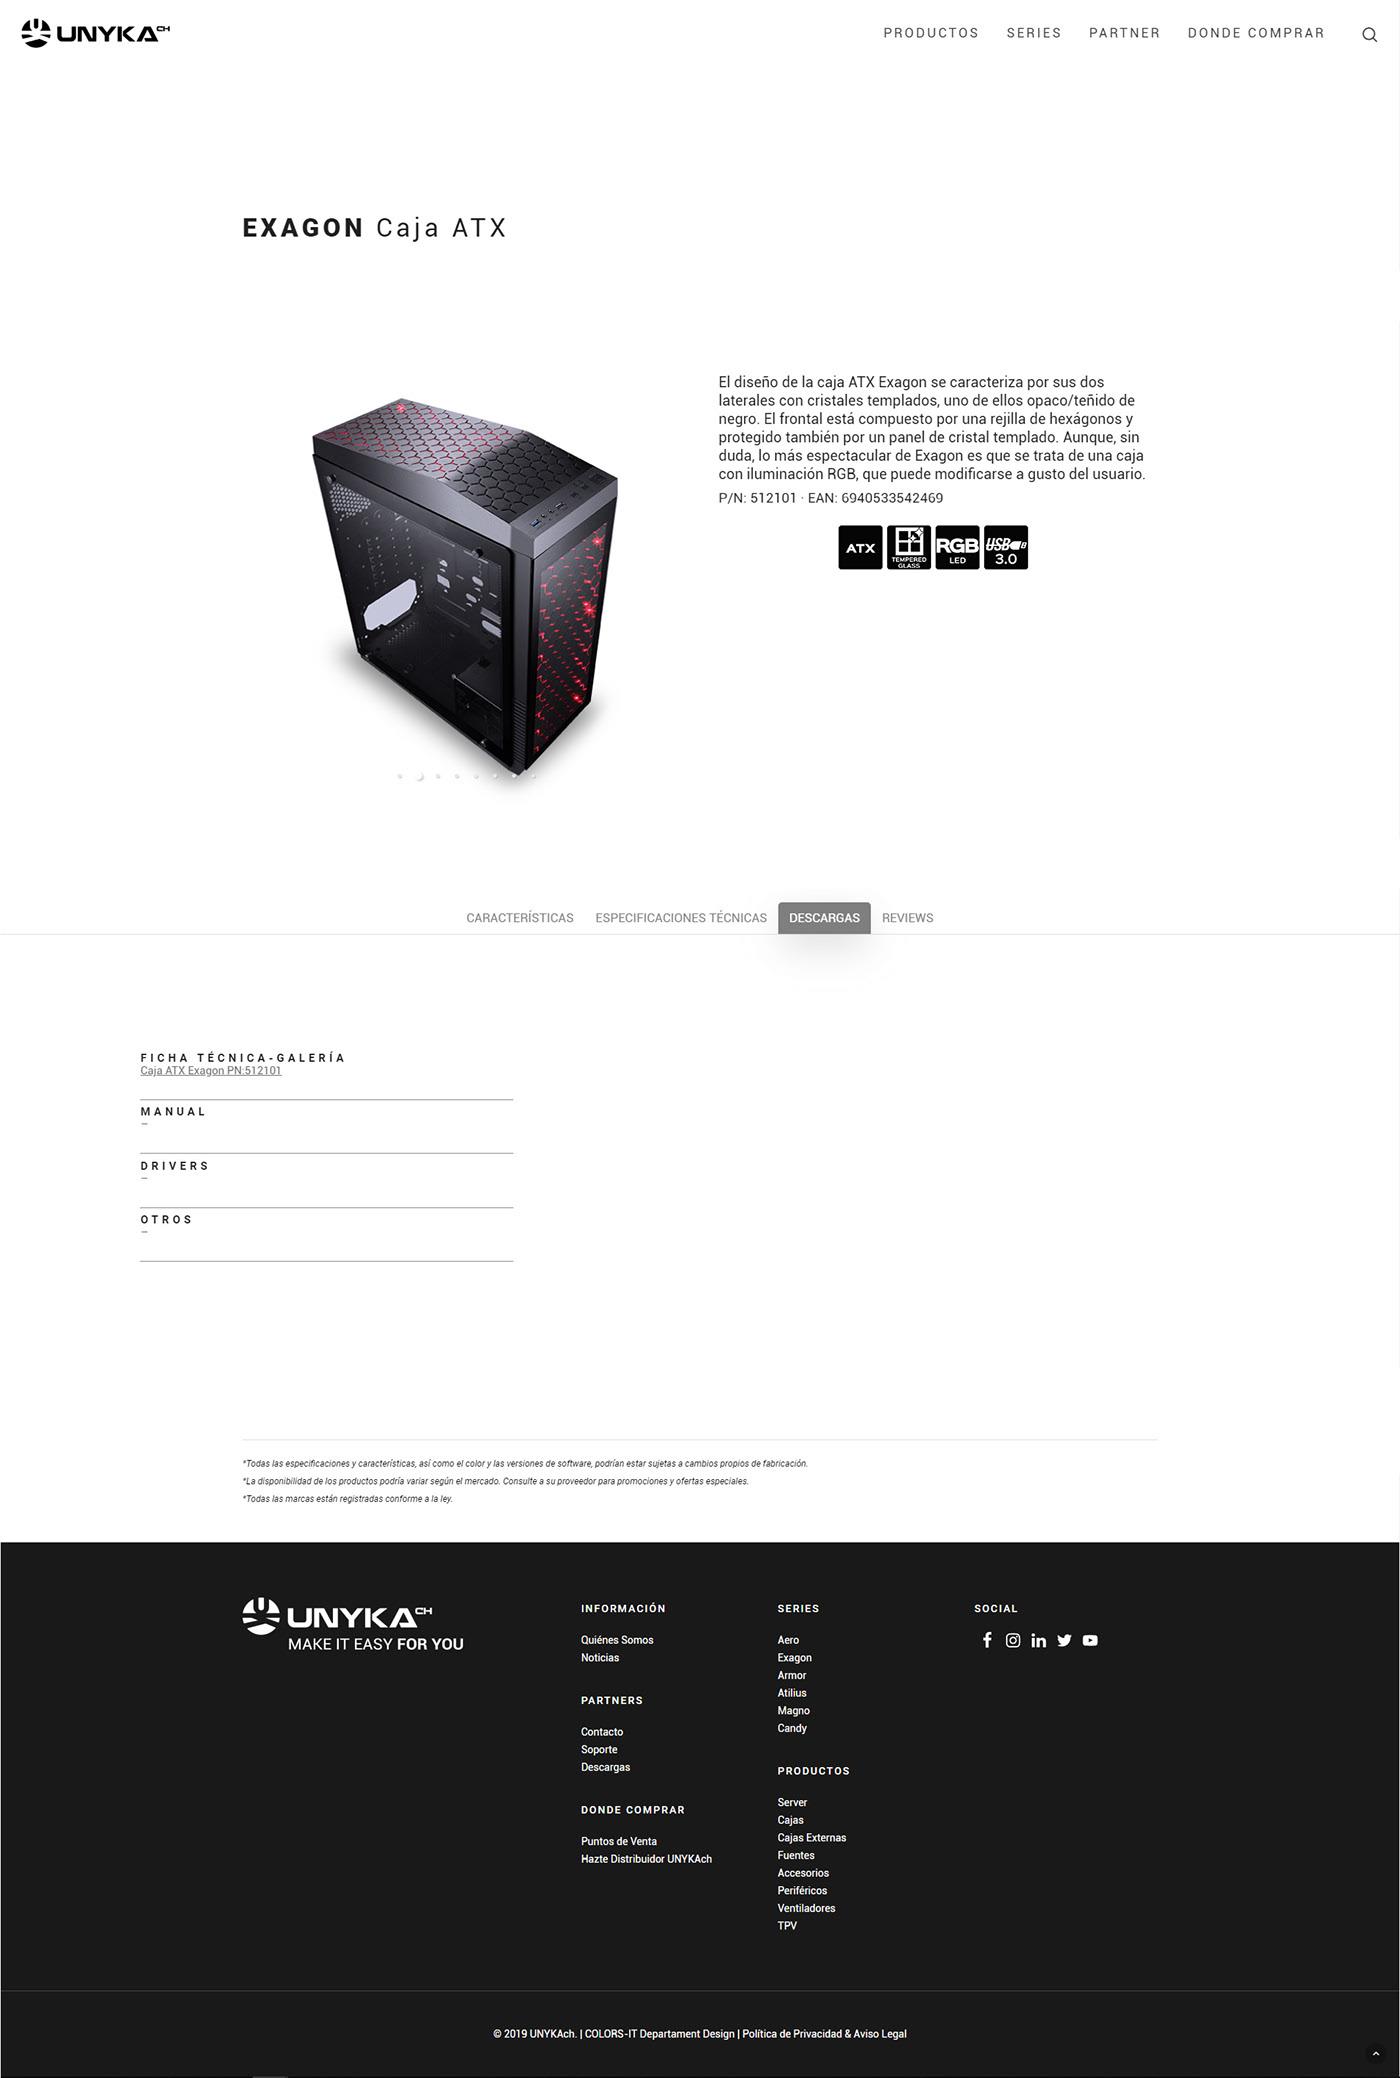 Unykach-2019-producto-descargas